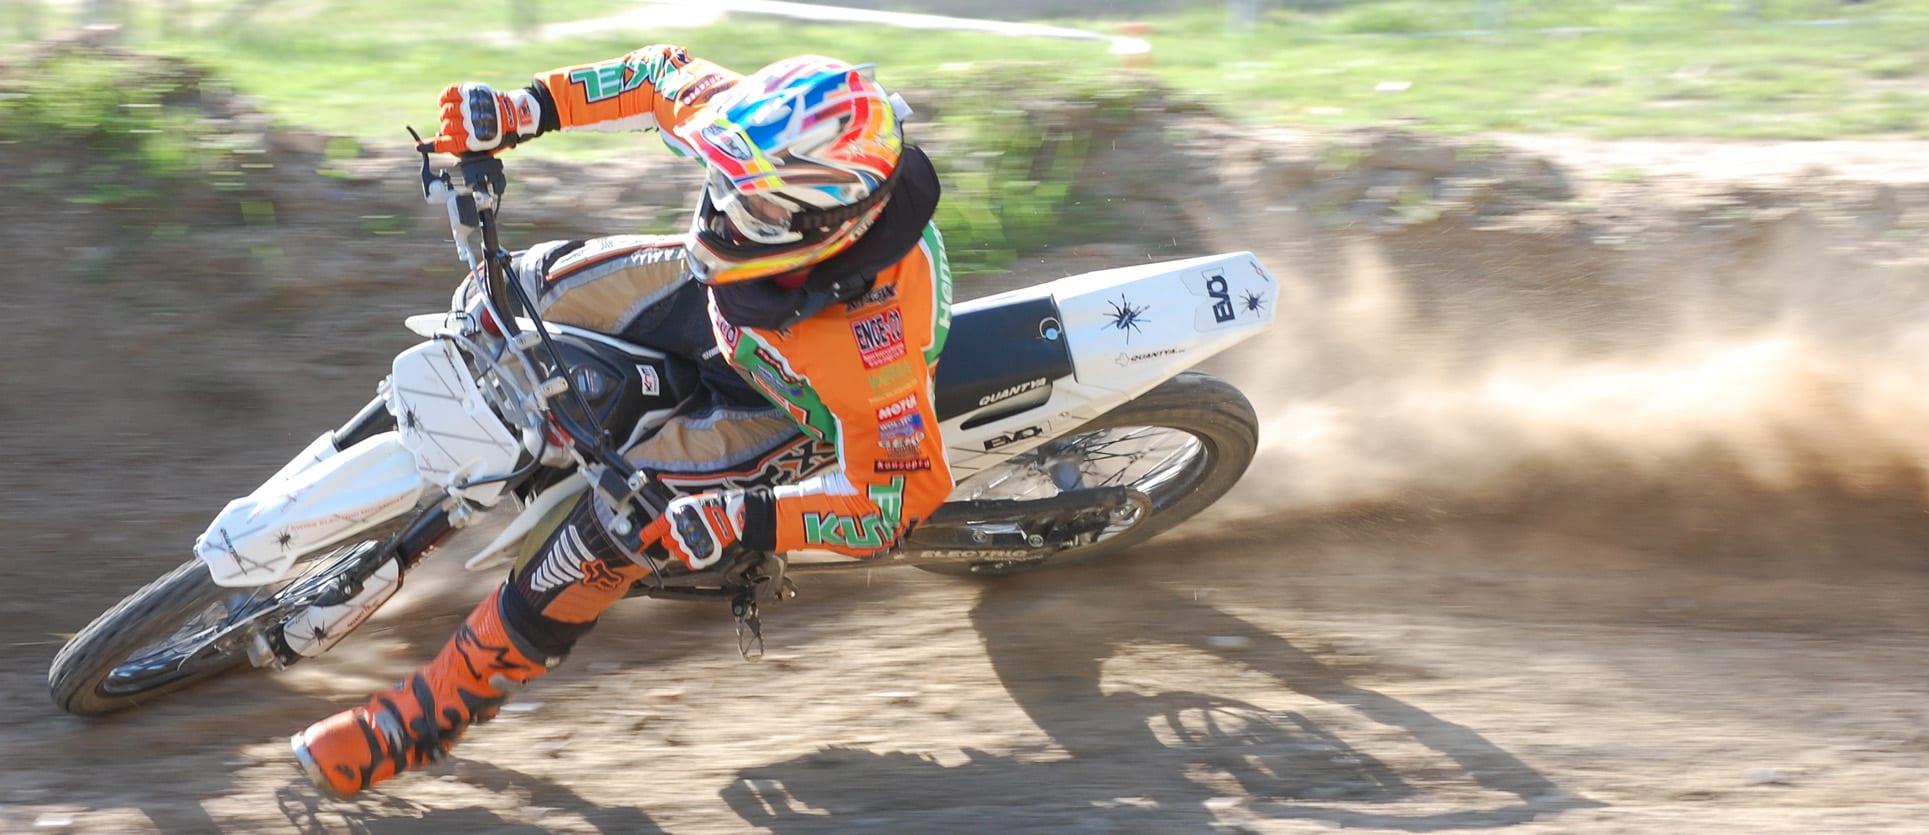 Motocross mit Quads und Bikes